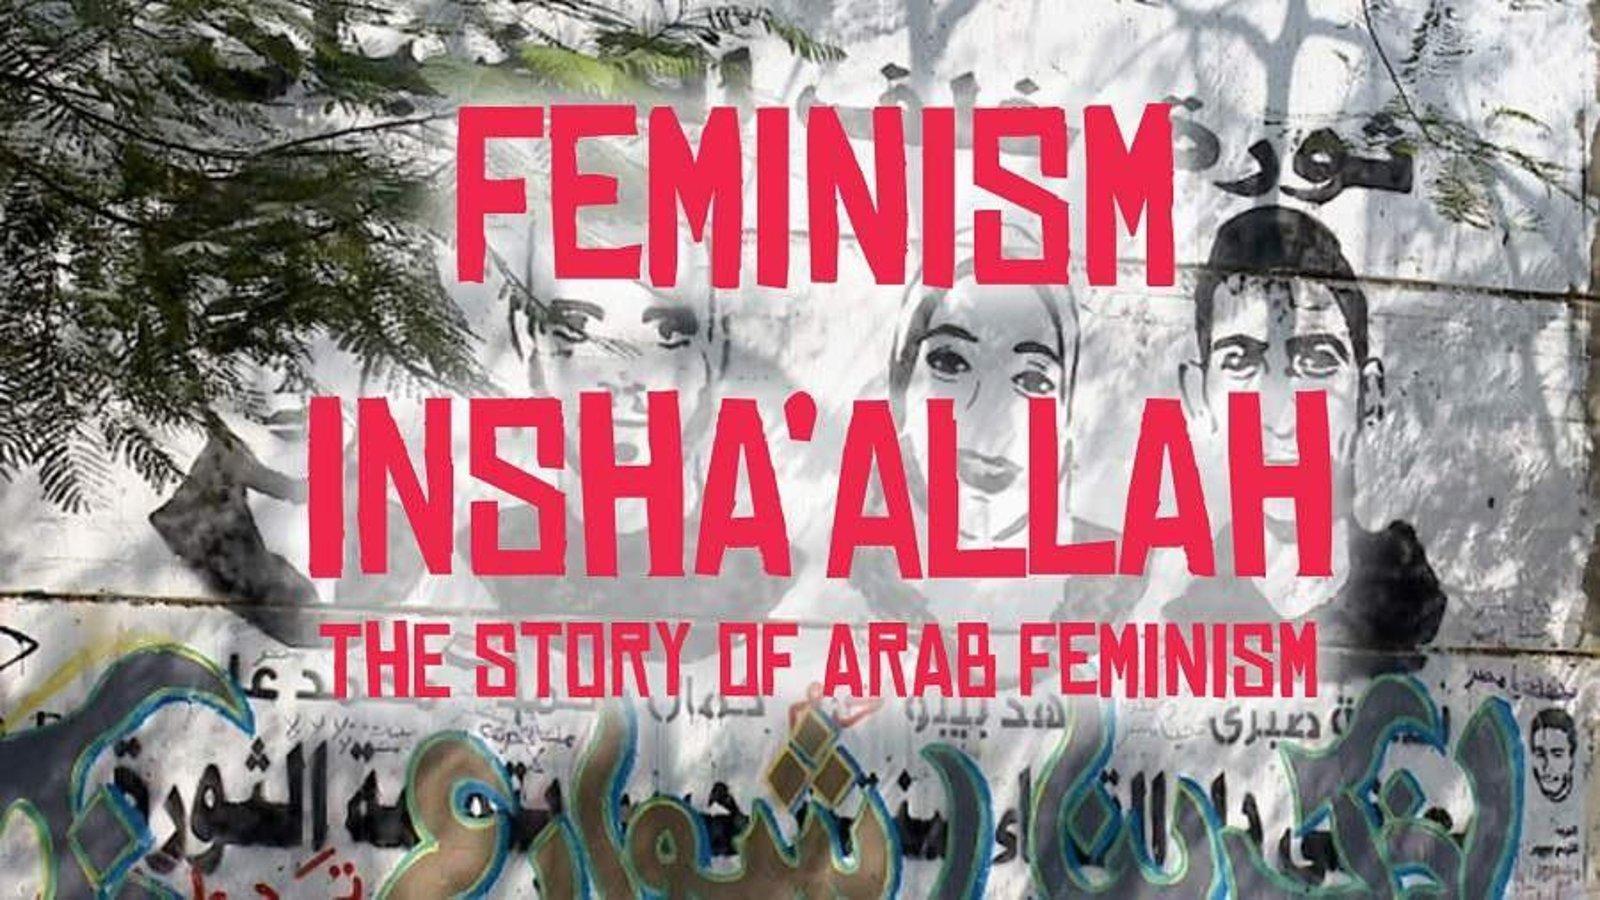 Feminism Inshallah - A History of Arab Feminism